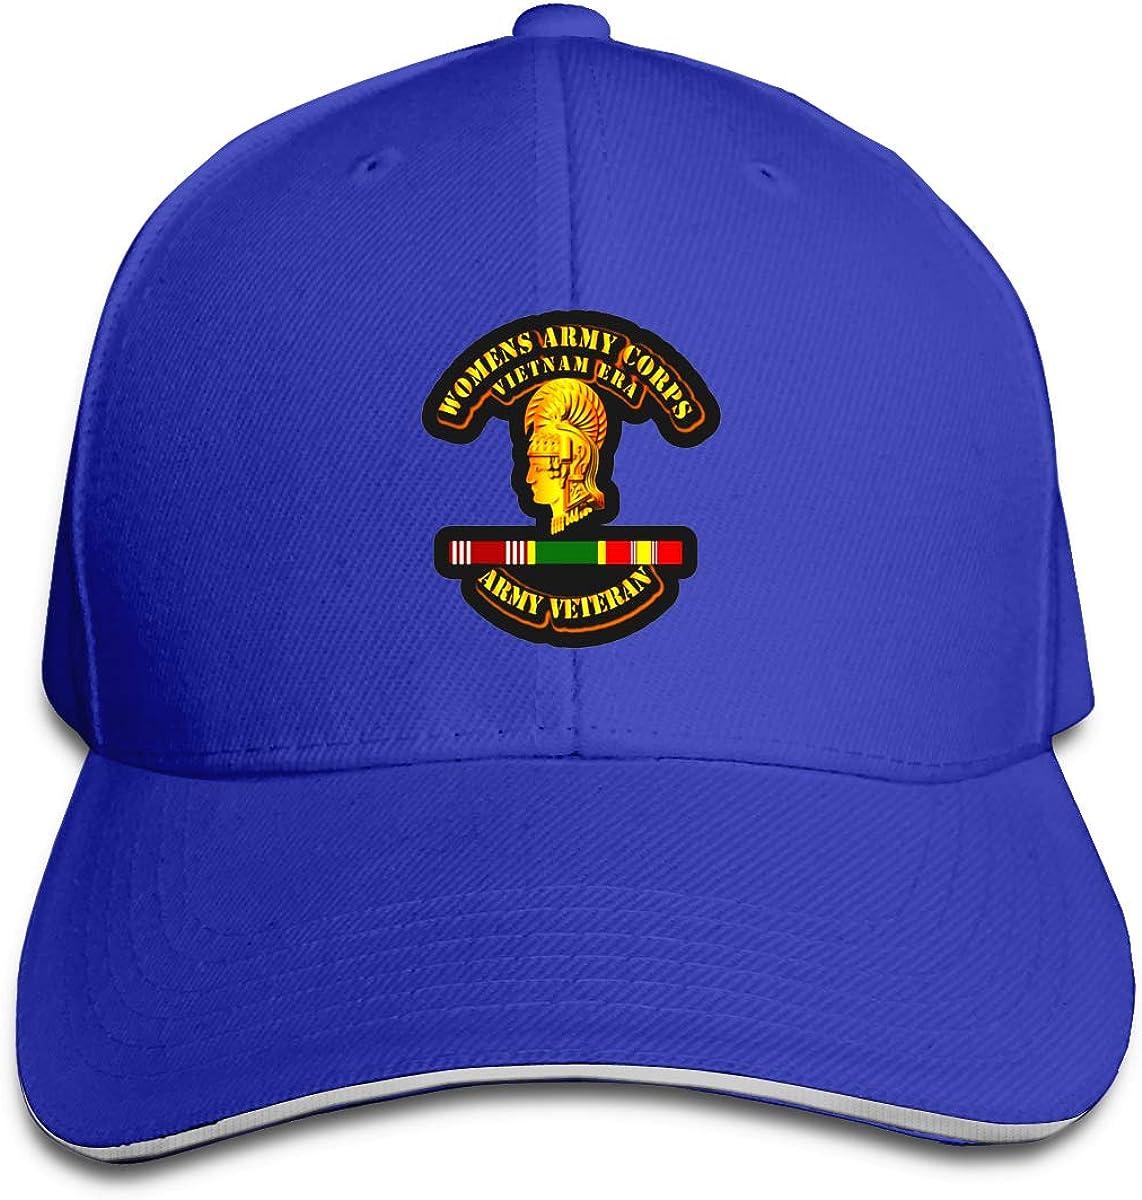 Army Vietnam Era Veteran Boy Women Classical Hat Fashionable Peak Cap Hats U.S